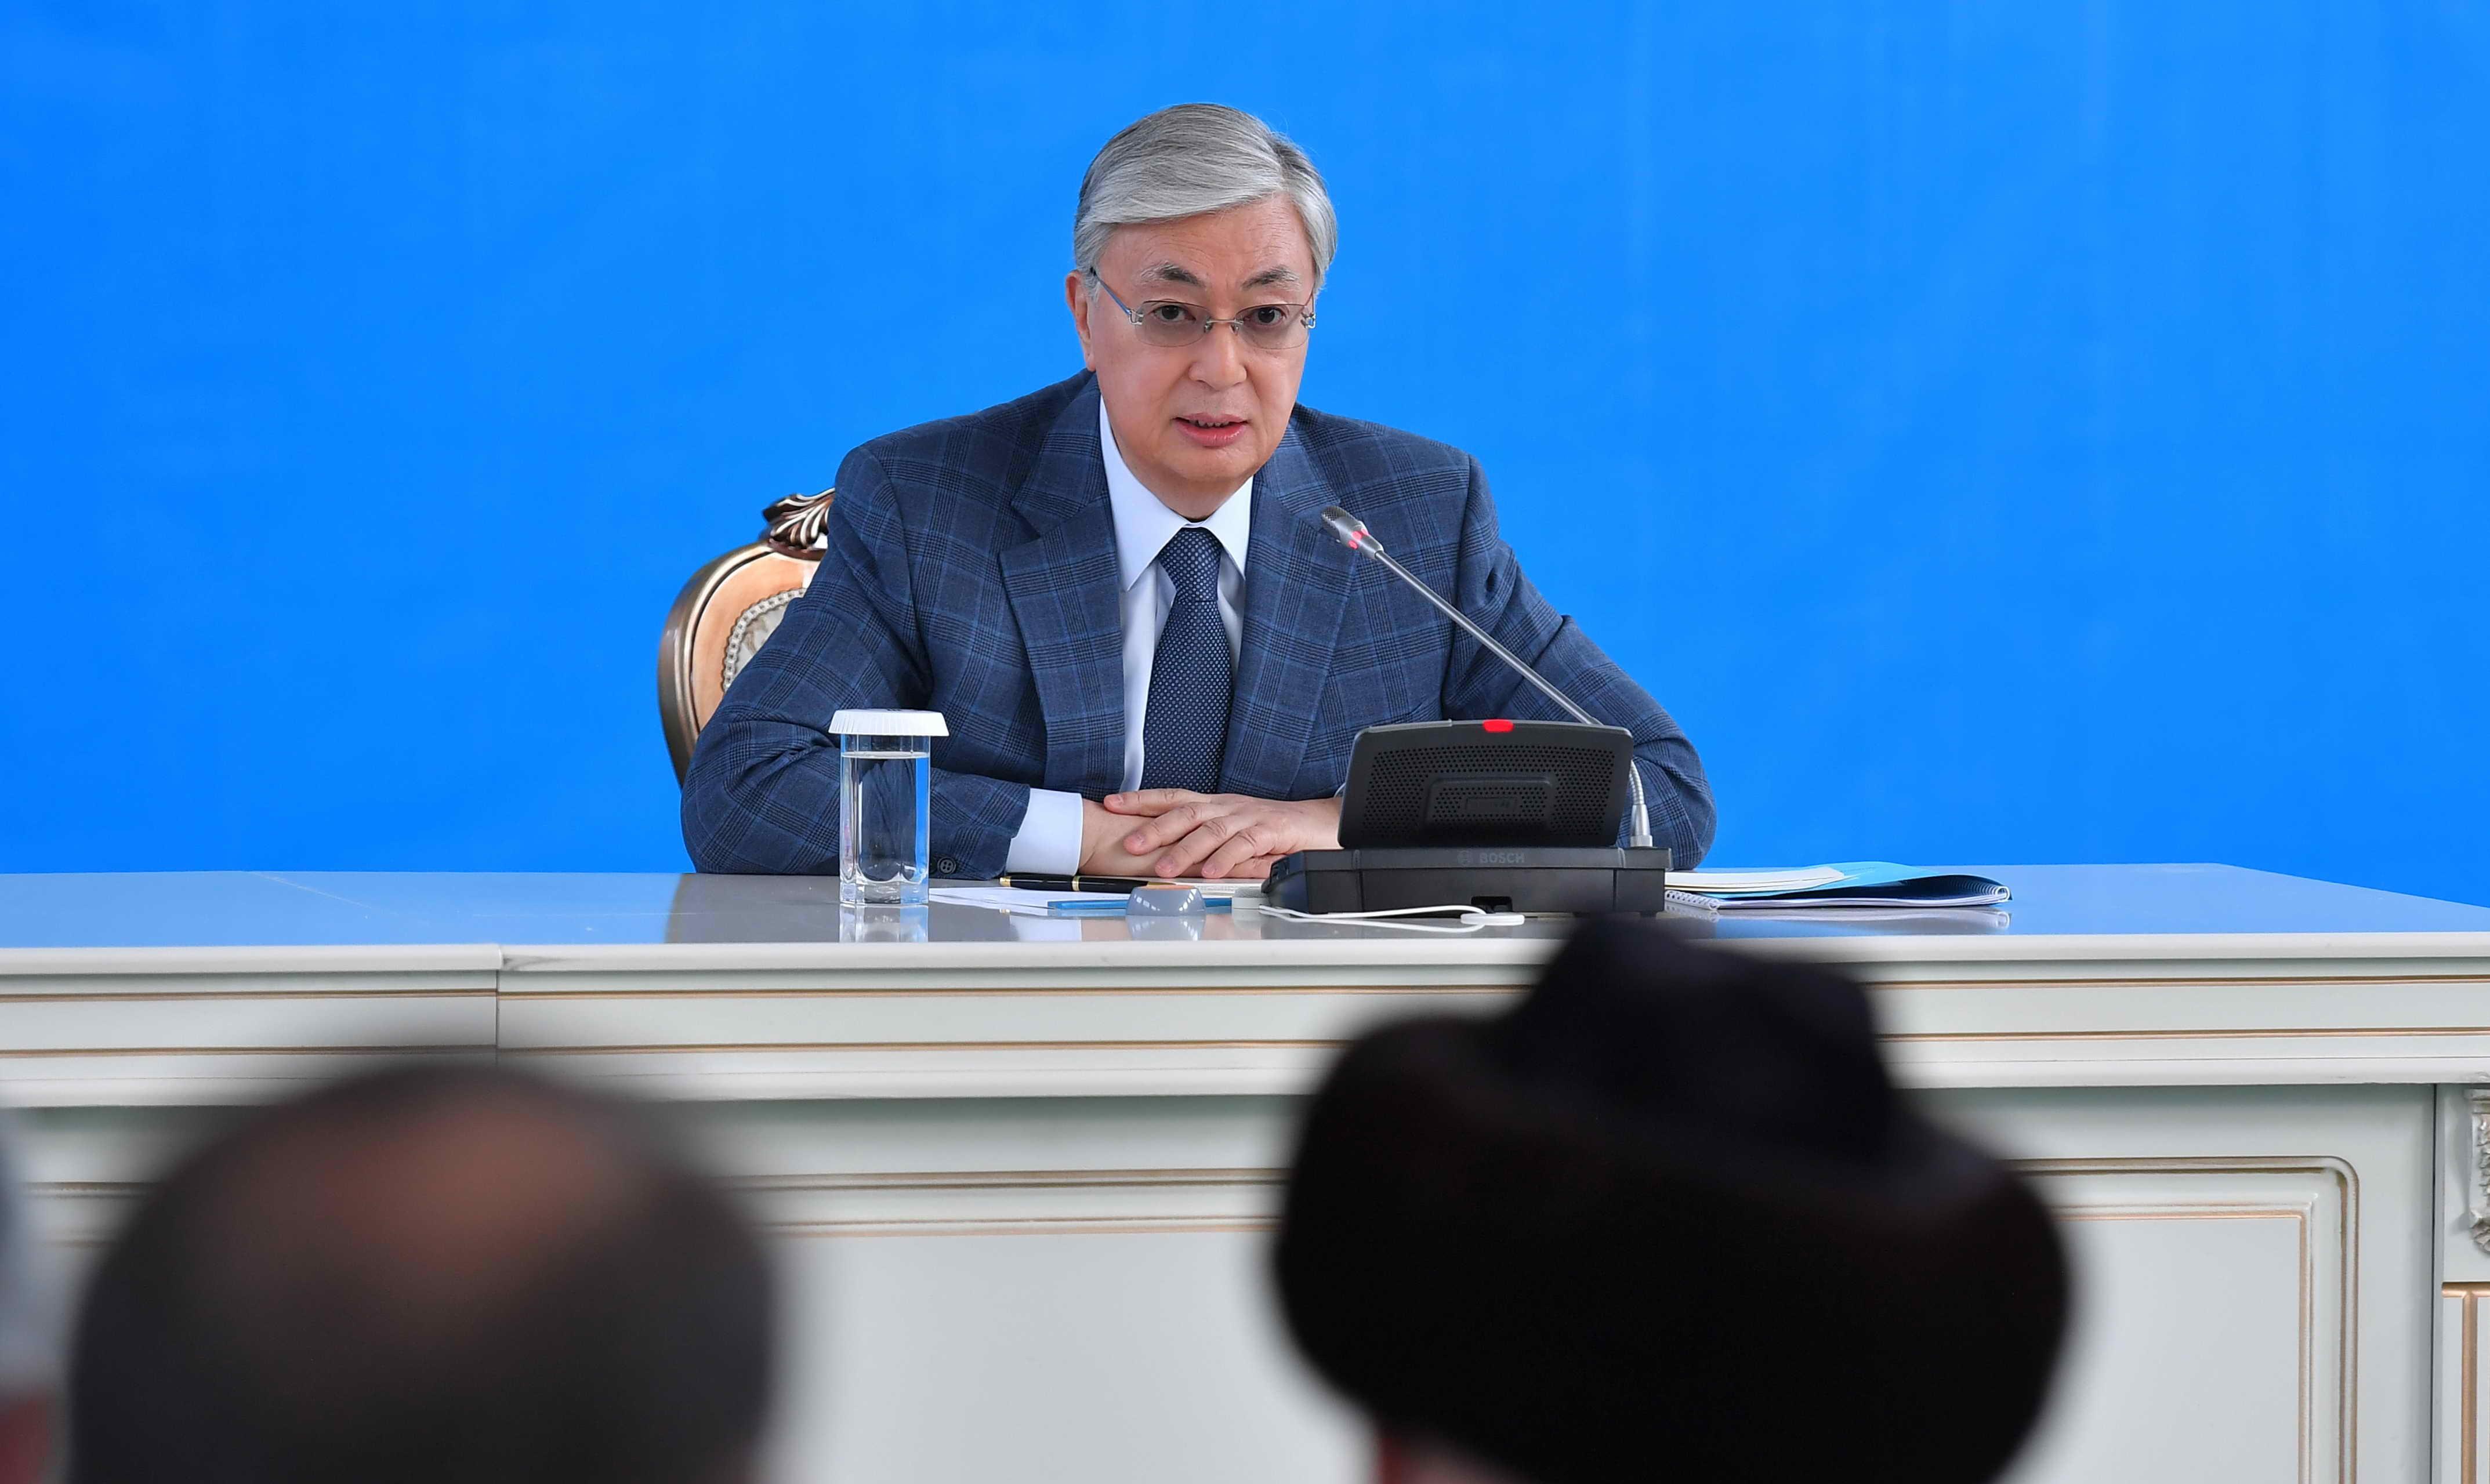 Новому руководству Жамбылской области поручено не допустить дестабилизации ситуации и придать импульс развитию региона – Токаев